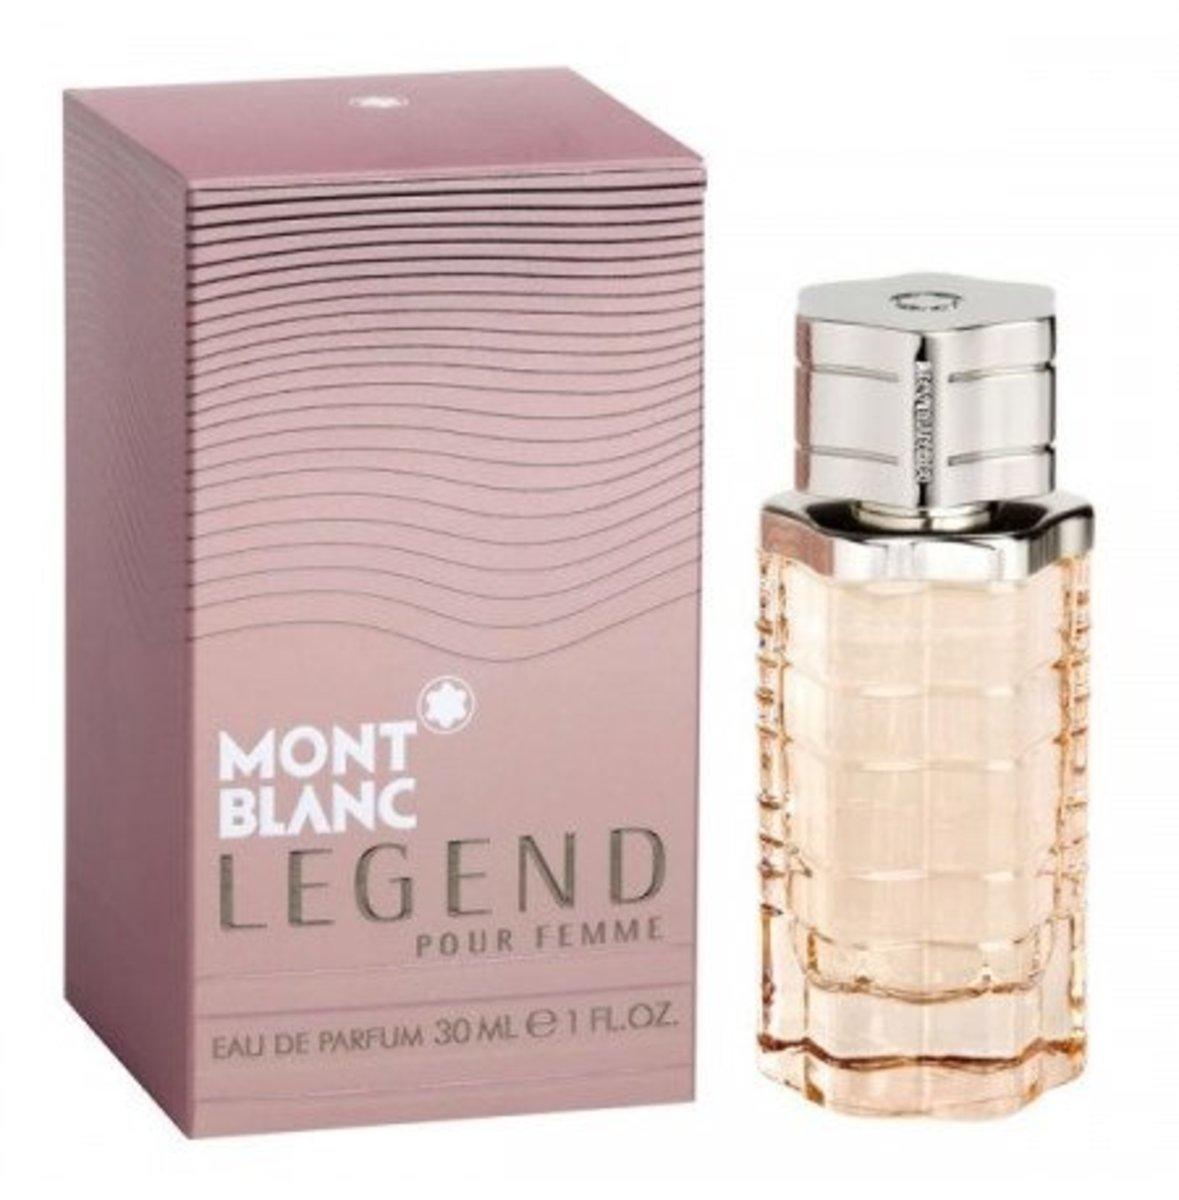 Legend Pour Femme EDP 30ml